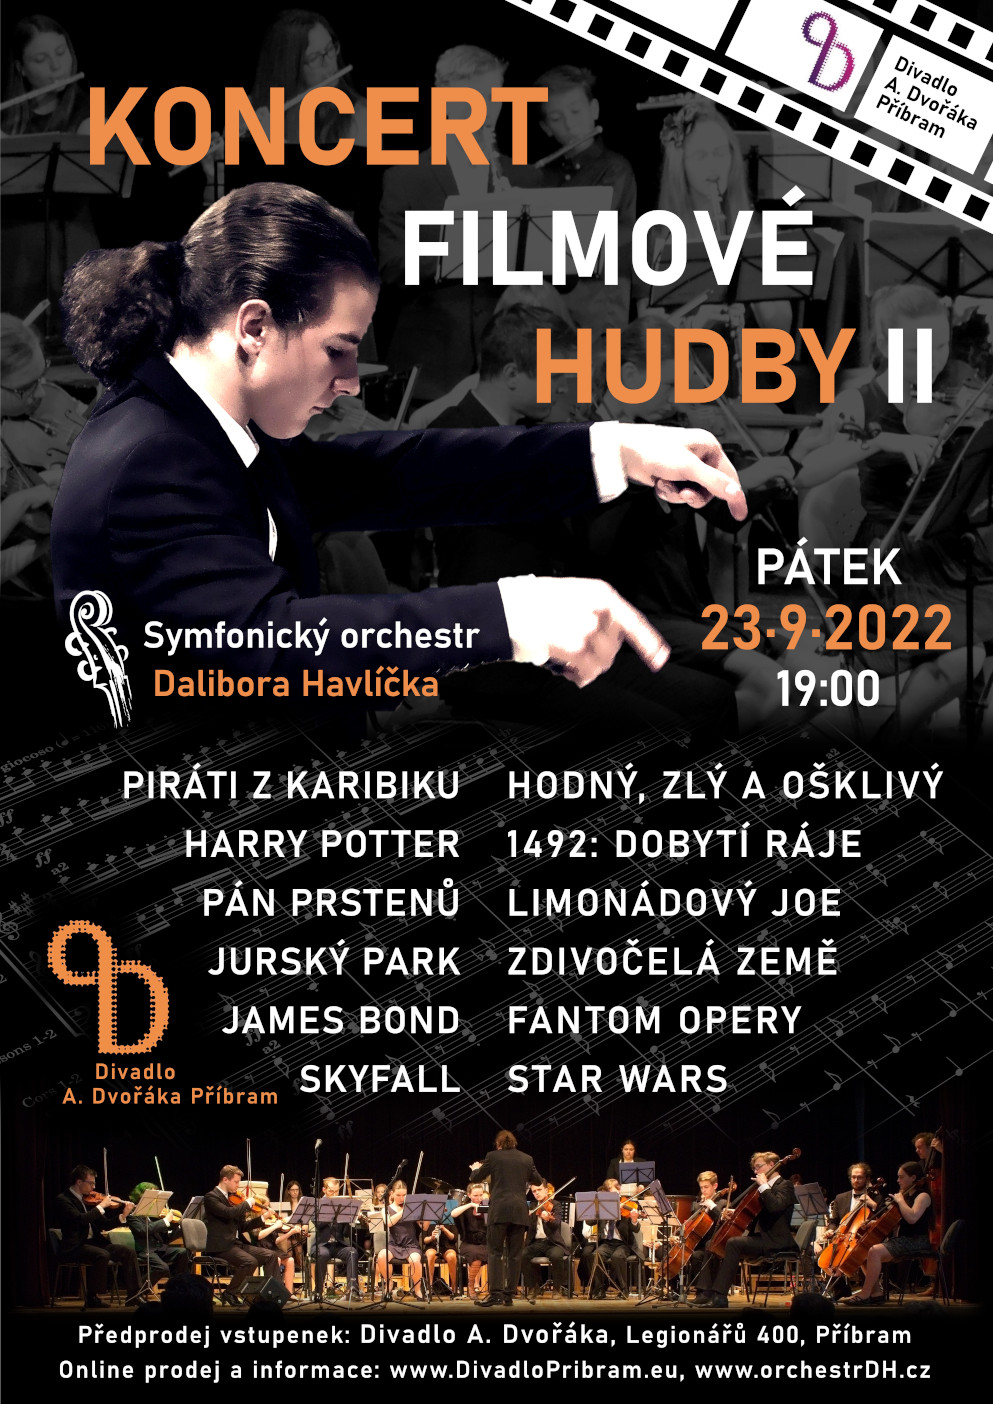 Koncert filmové hudby- Příbram -Divadlo A. Dvořáka, Legionářů 400, Příbram